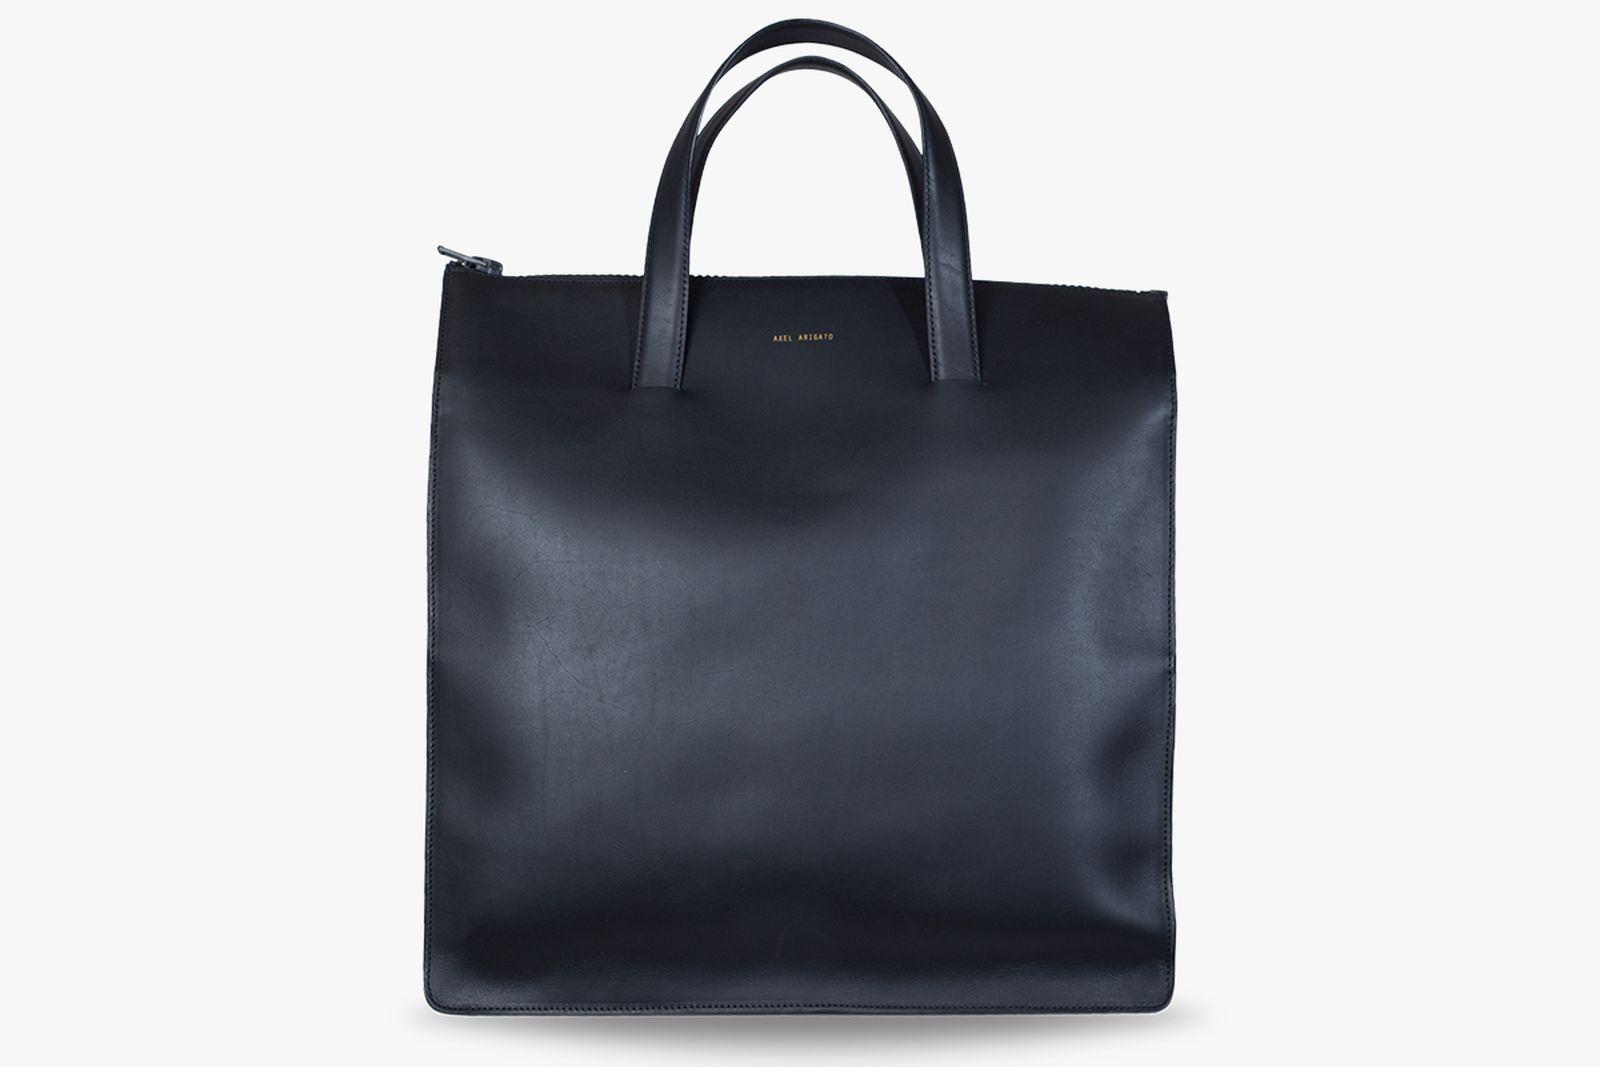 axel-arigato-bag-collection-02